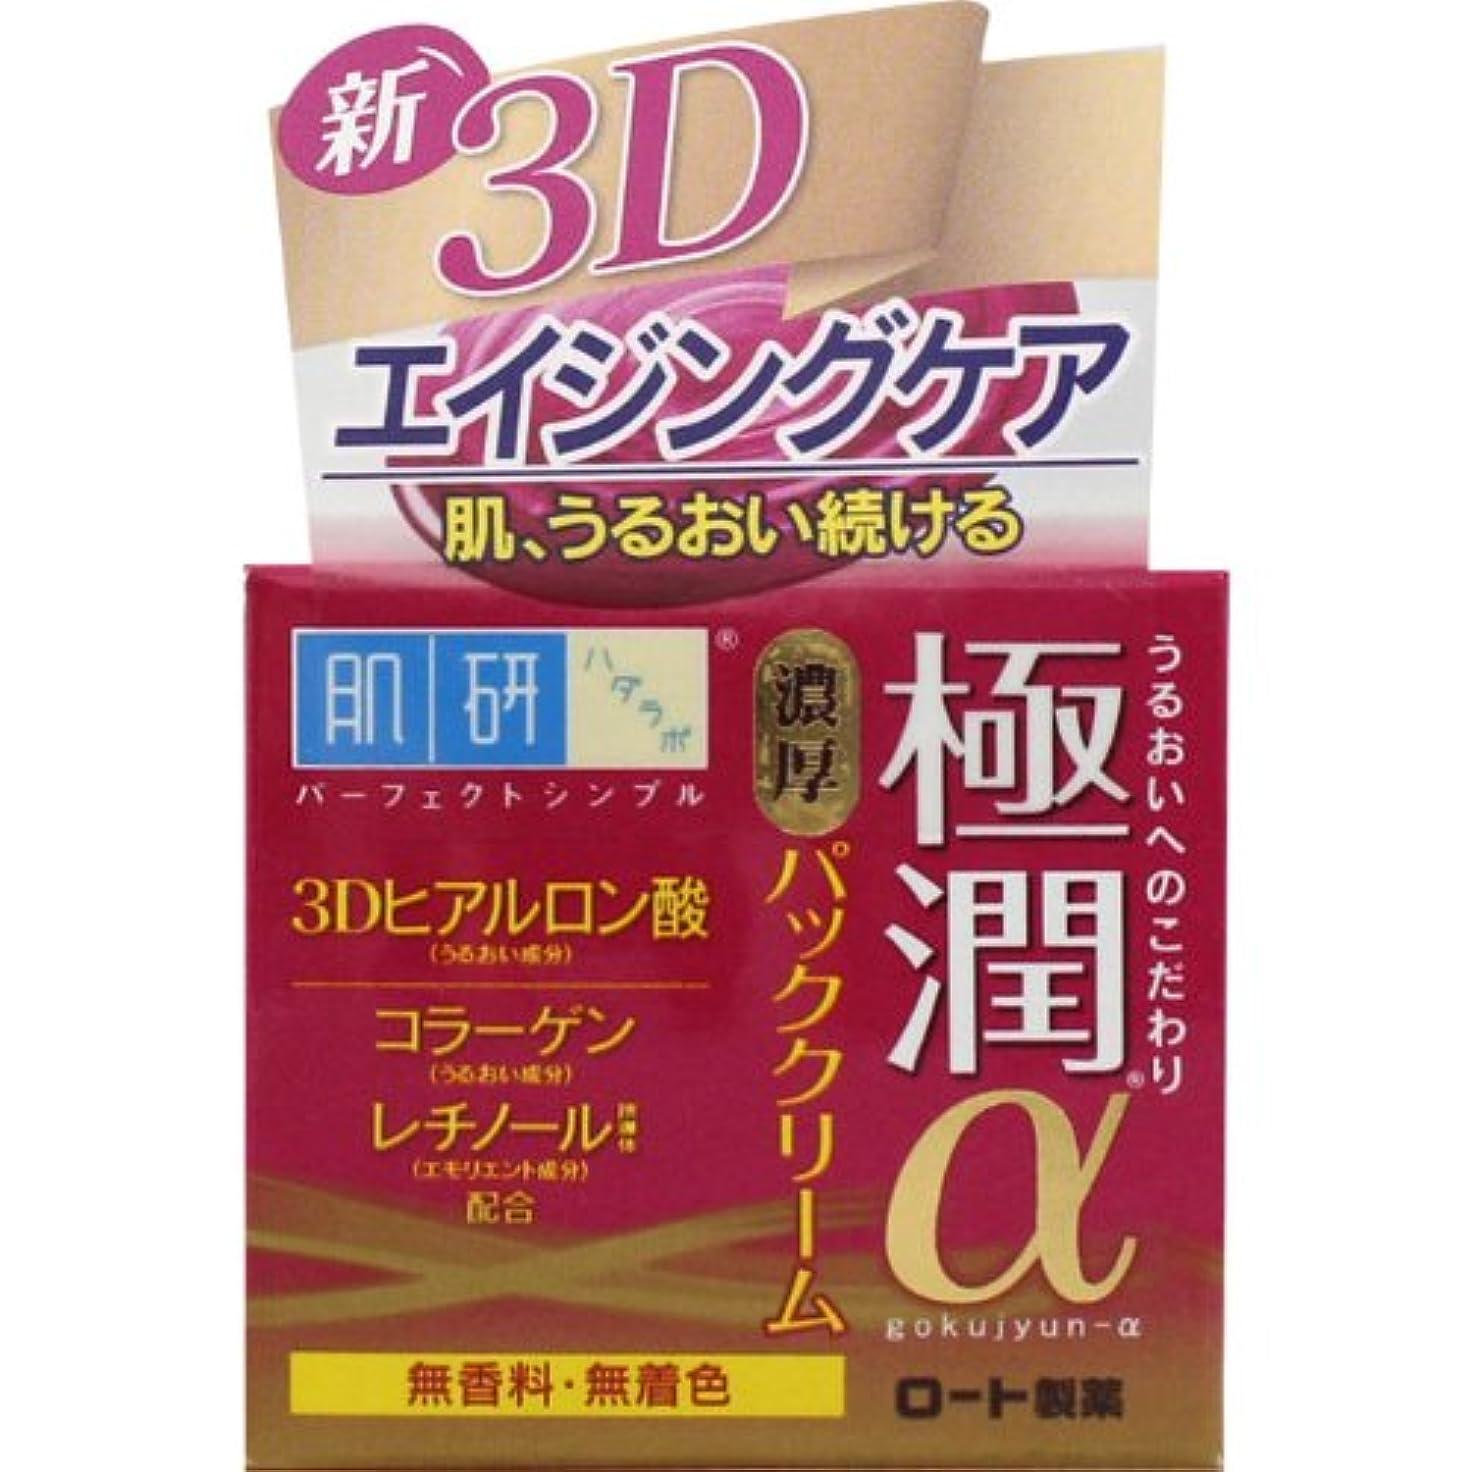 並外れて改善する信じられない肌研(ハダラボ) 極潤 αパッククリーム 50g